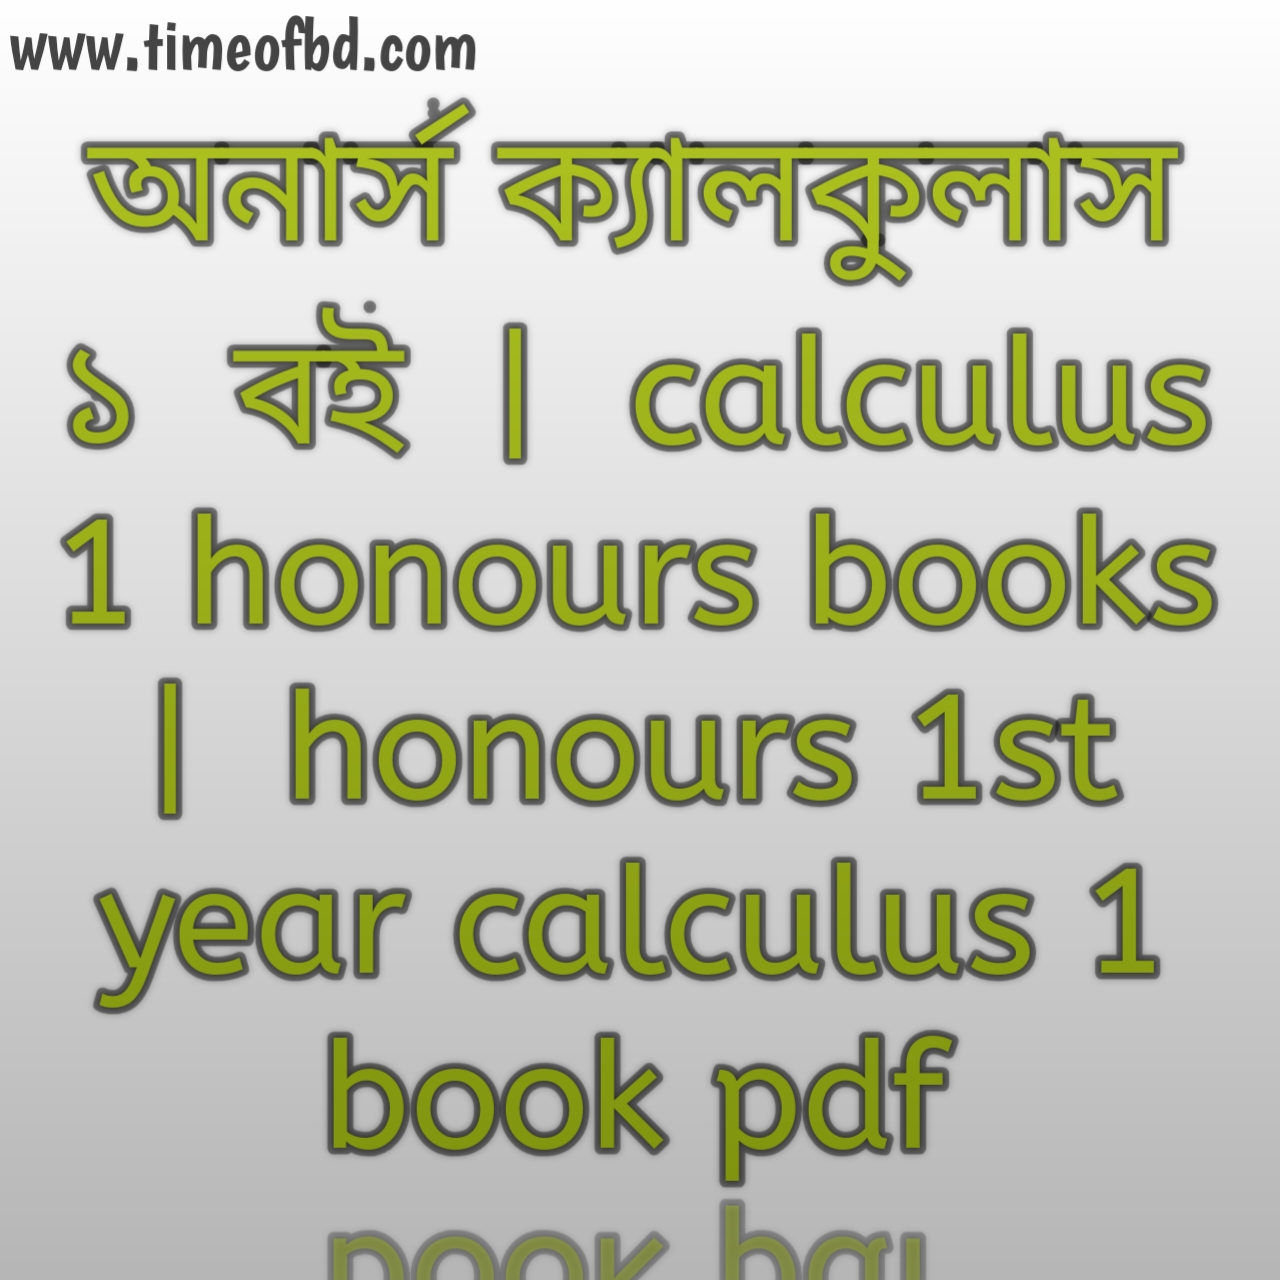 অনার্স ক্যালকুলাস ১  বই, calculus 1 honours books, অনার্স ক্যালকুলাস ১  বই pdf, calculus 1 honours books pdf, অনার্স ক্যালকুলাস ১  বিভাগ , honours 1st year calculus 1 book pdf, অনার্স দ্বিতীয় বর্ষের ক্যালকুলাস ১  বই pdf, honours 2nd year calculus 1 book list, অনার্স দ্বিতীয় বর্ষের ক্যালকুলাস ১  বই, calculus 1 honours practical book, অনার্স প্রথম বর্ষ ক্যালকুলাস ১  বই, honours 1st year calculus 1 book, ক্যালকুলাস ১  অনার্স প্রথম বর্ষ, honours 1st year calculus 1 book list, ক্যালকুলাস ১  অনার্স তৃতীয় বর্ষ, best book for calculus 1 honours, অনার্স তৃতীয় বর্ষের বই ক্যালকুলাস ১  pdf, অনার্স তৃতীয় বর্ষের বই ক্যালকুলাস ১